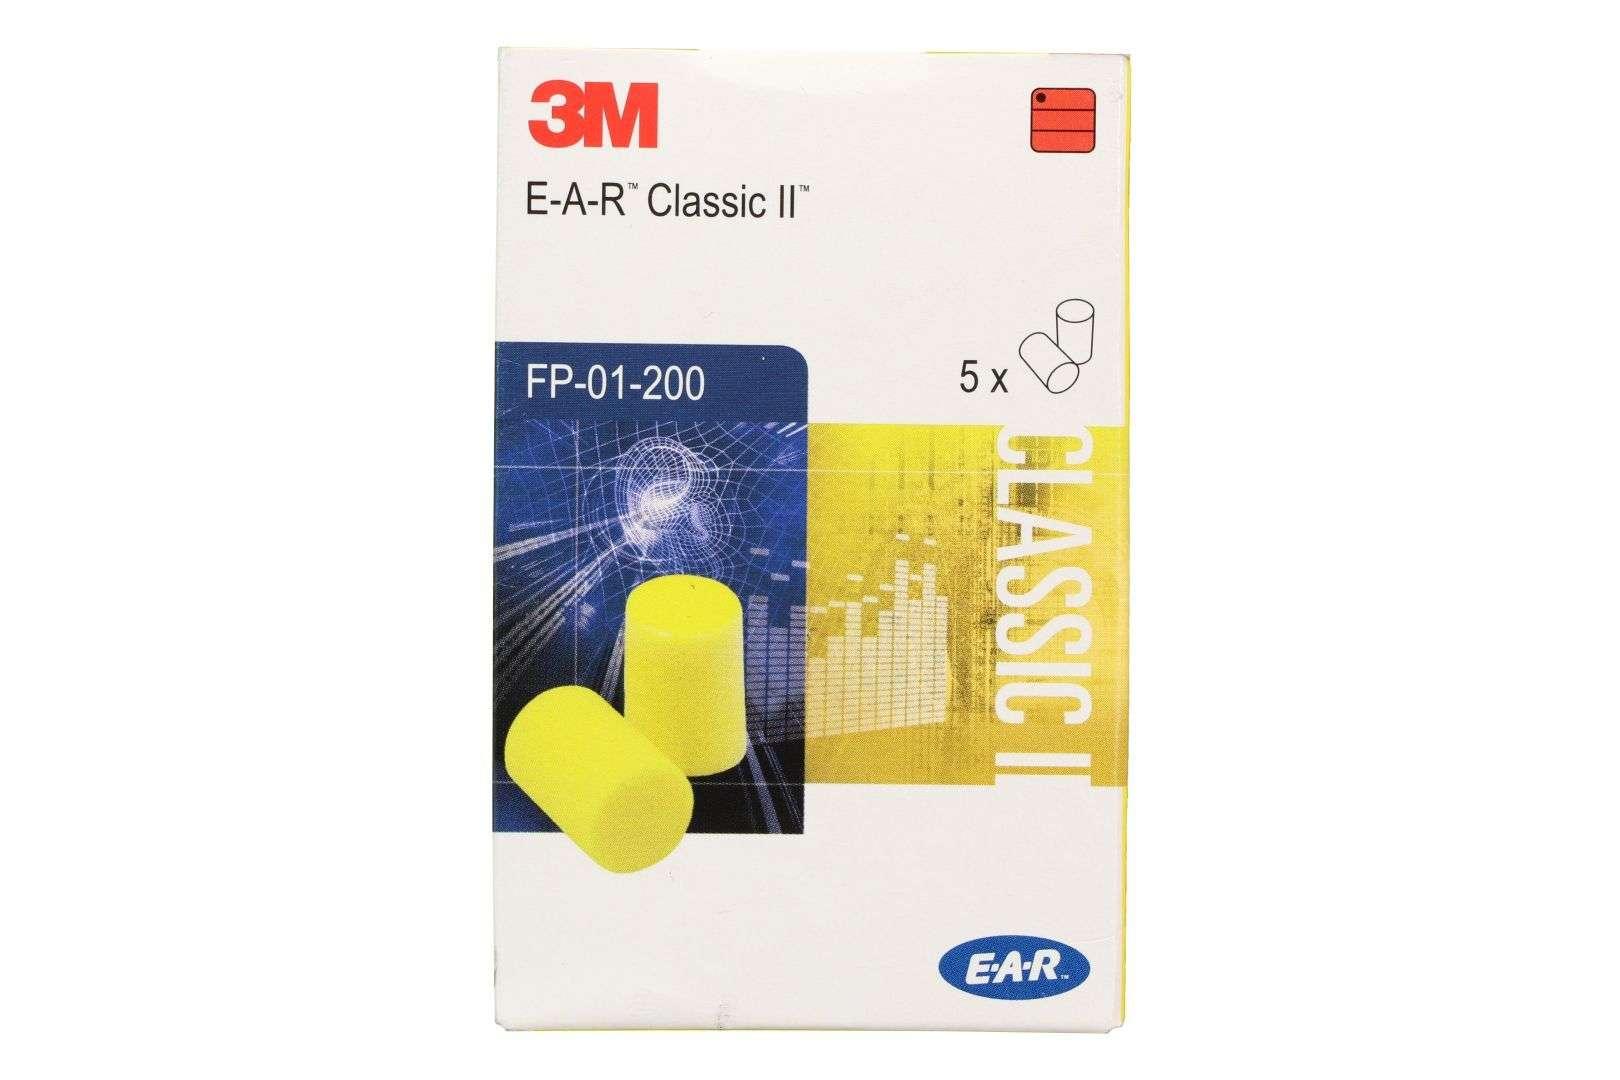 3M Gehörschutzstöpsel E-A-R Classic II, 5 Paar